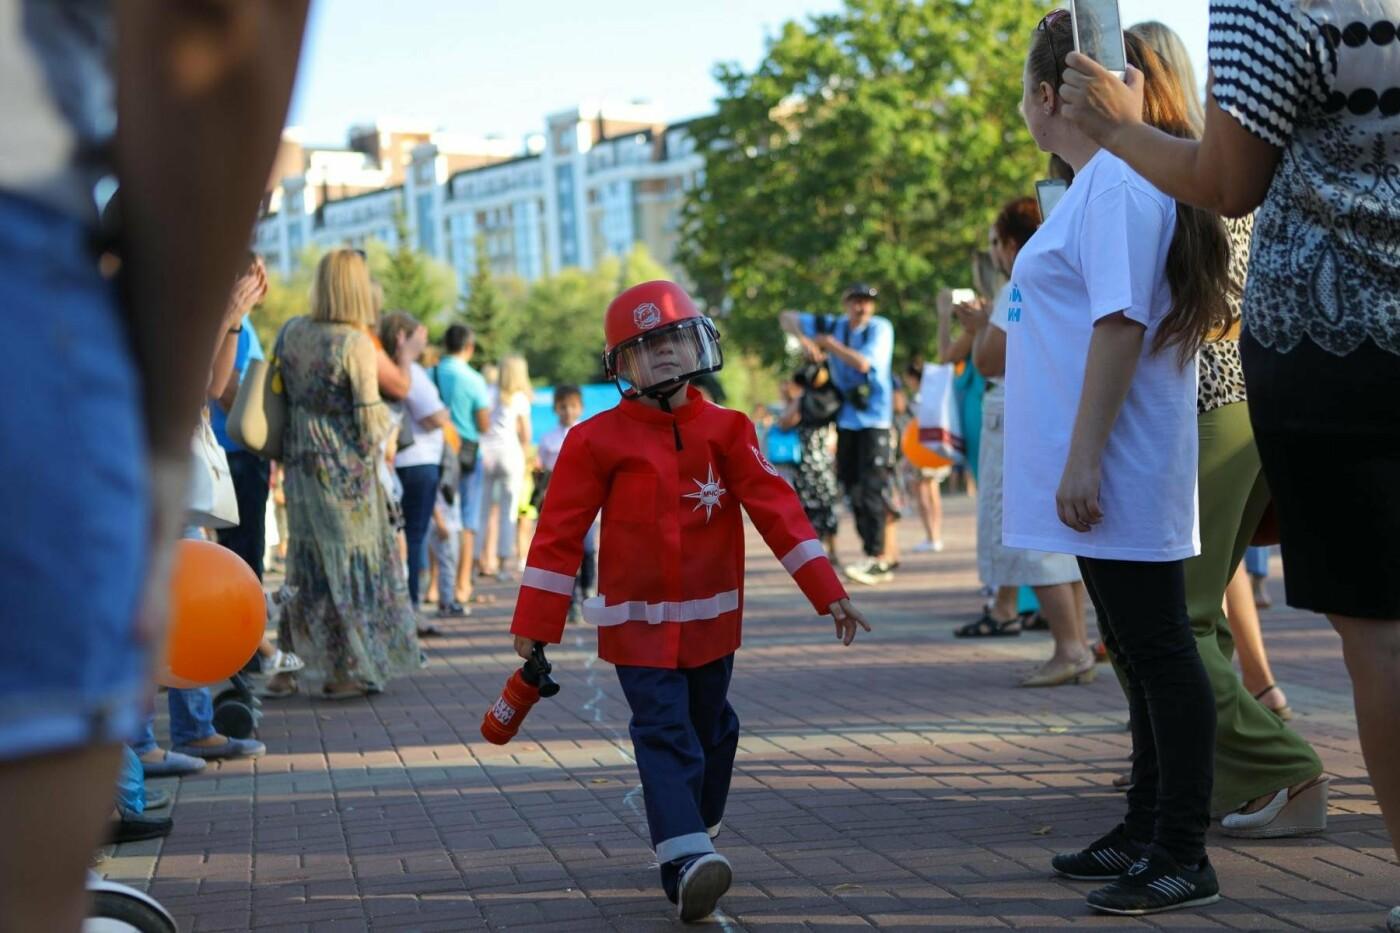 На день рождения «Активного горожанина» пришли сотни гостей, фото-12, Фото Антона Вергуна